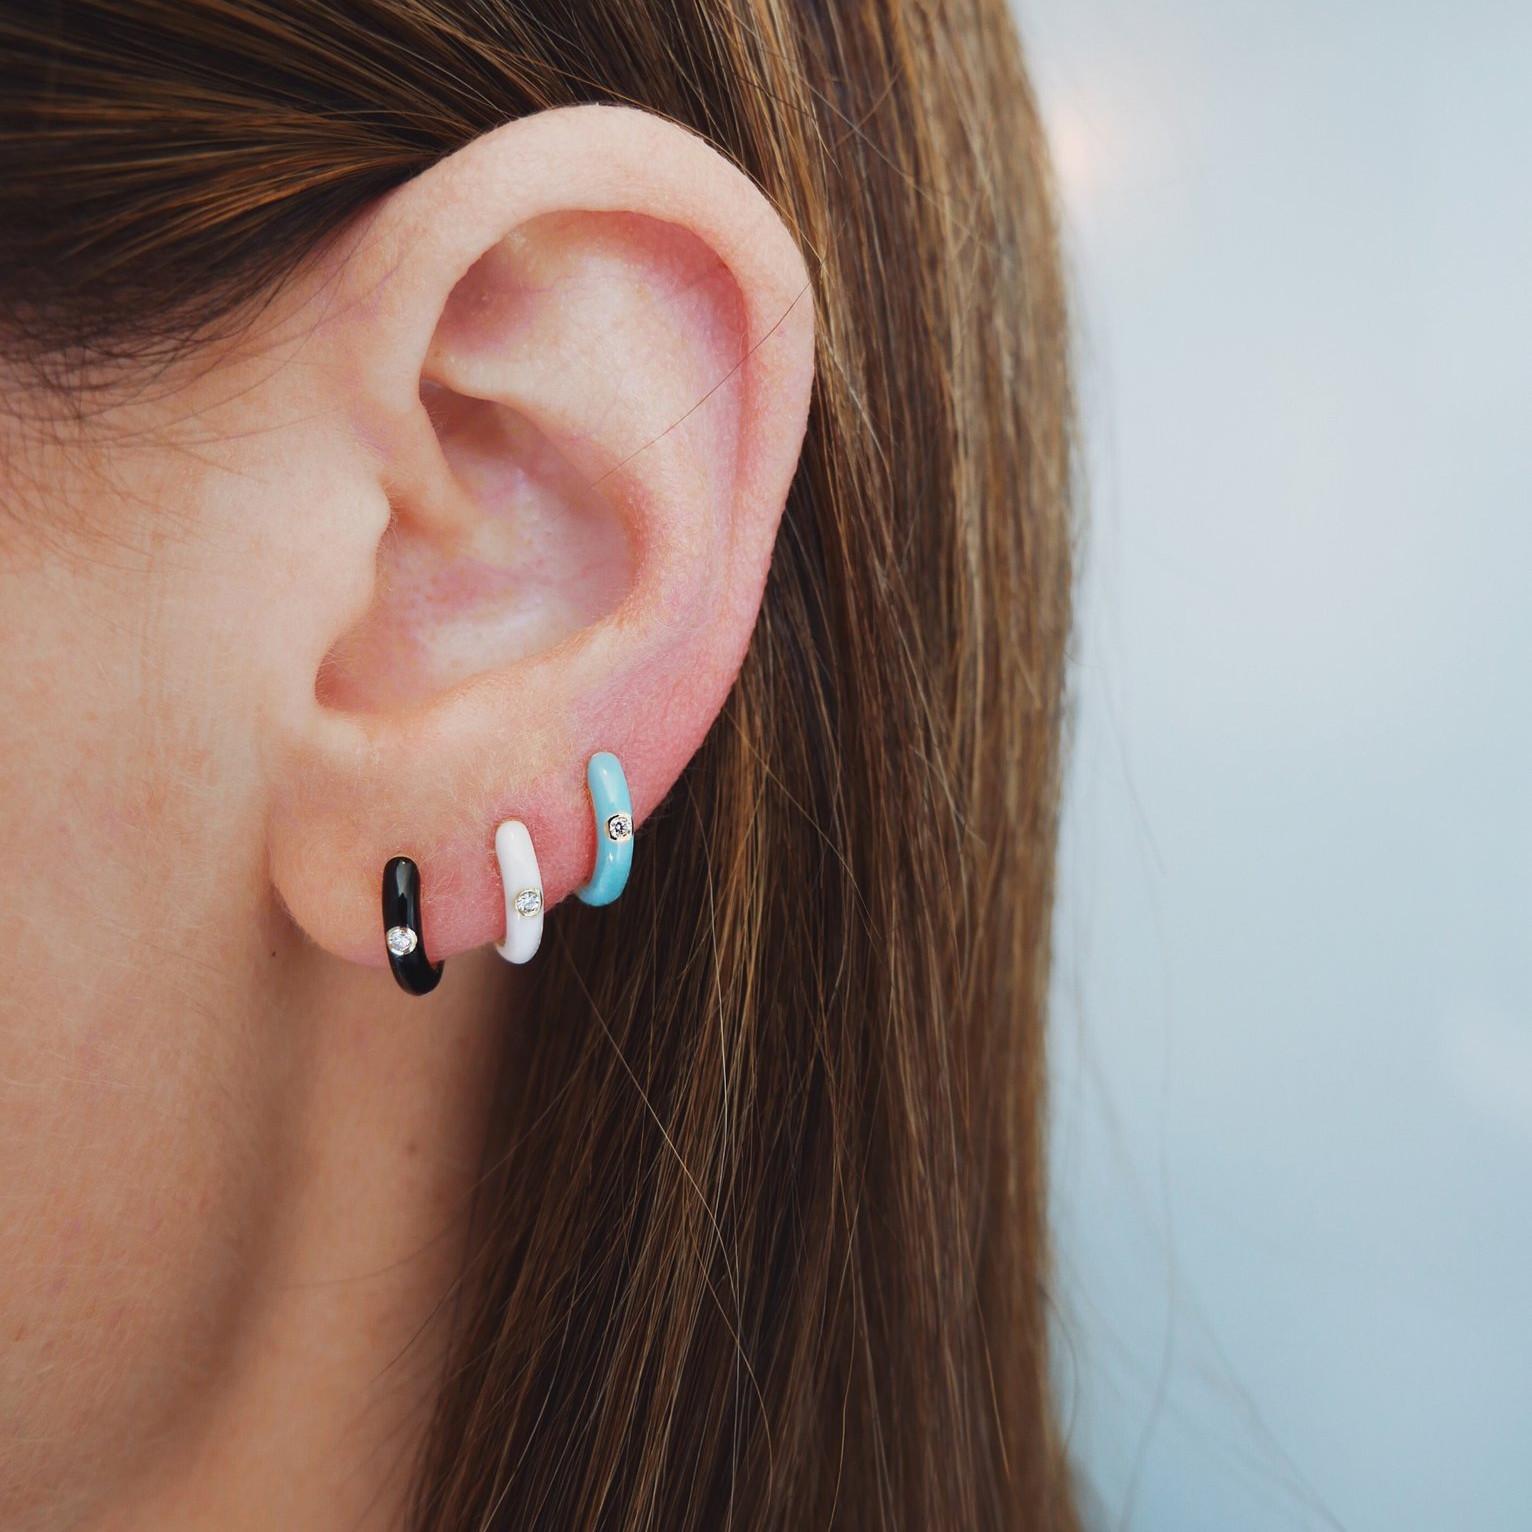 Black Enamel & Diamond Huggie Earrings by EF Collection on Model